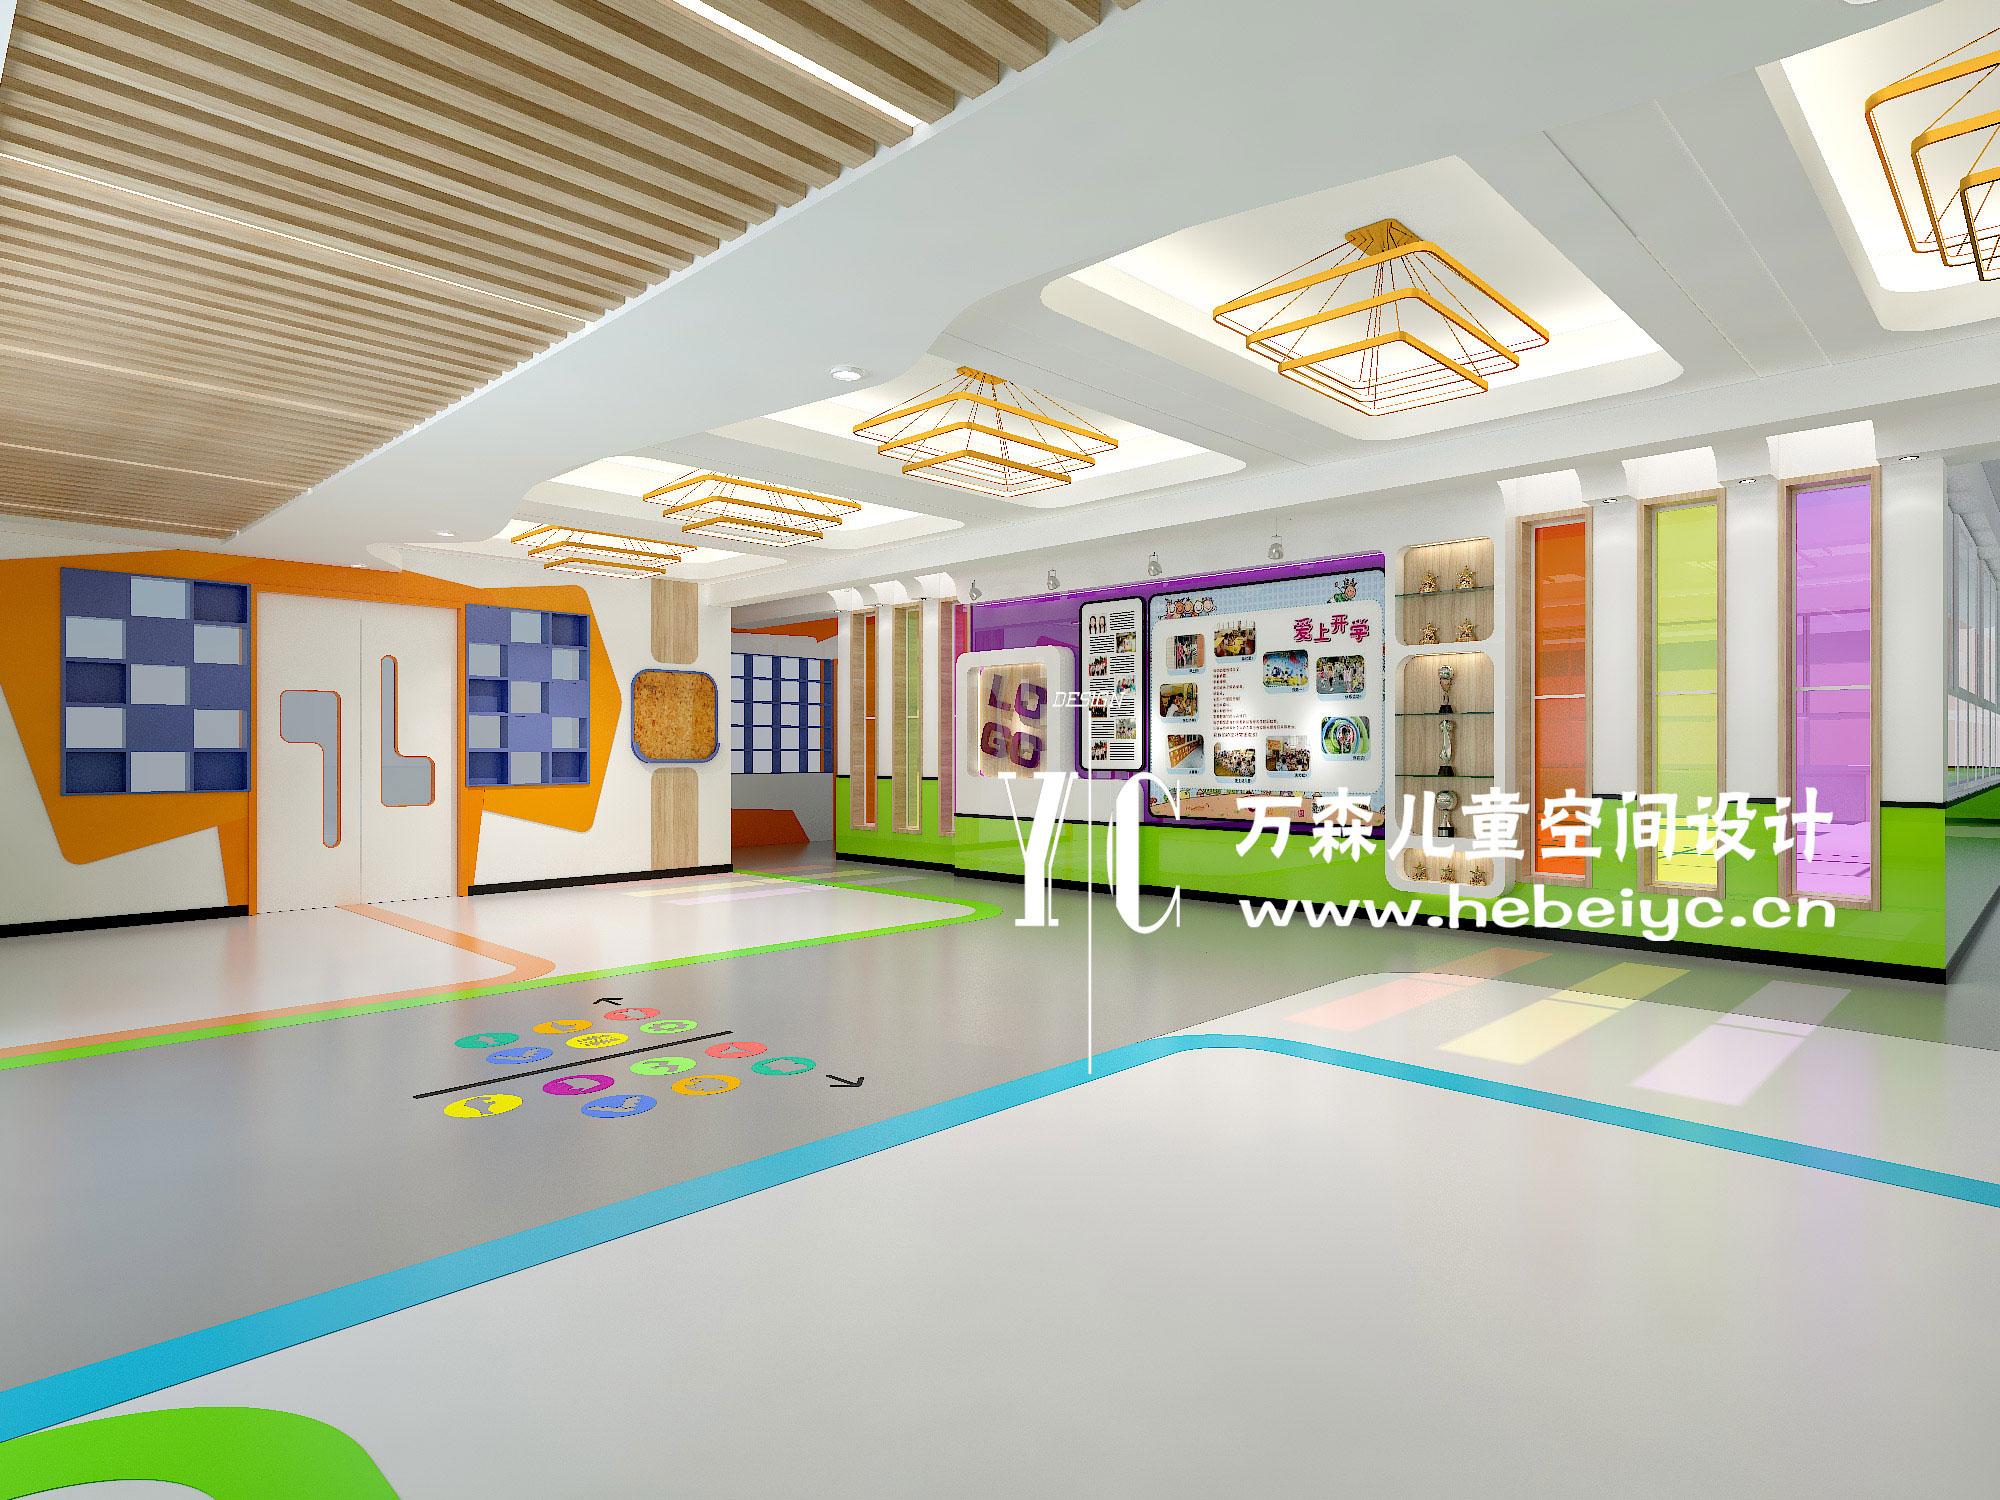 瑞城幼儿园